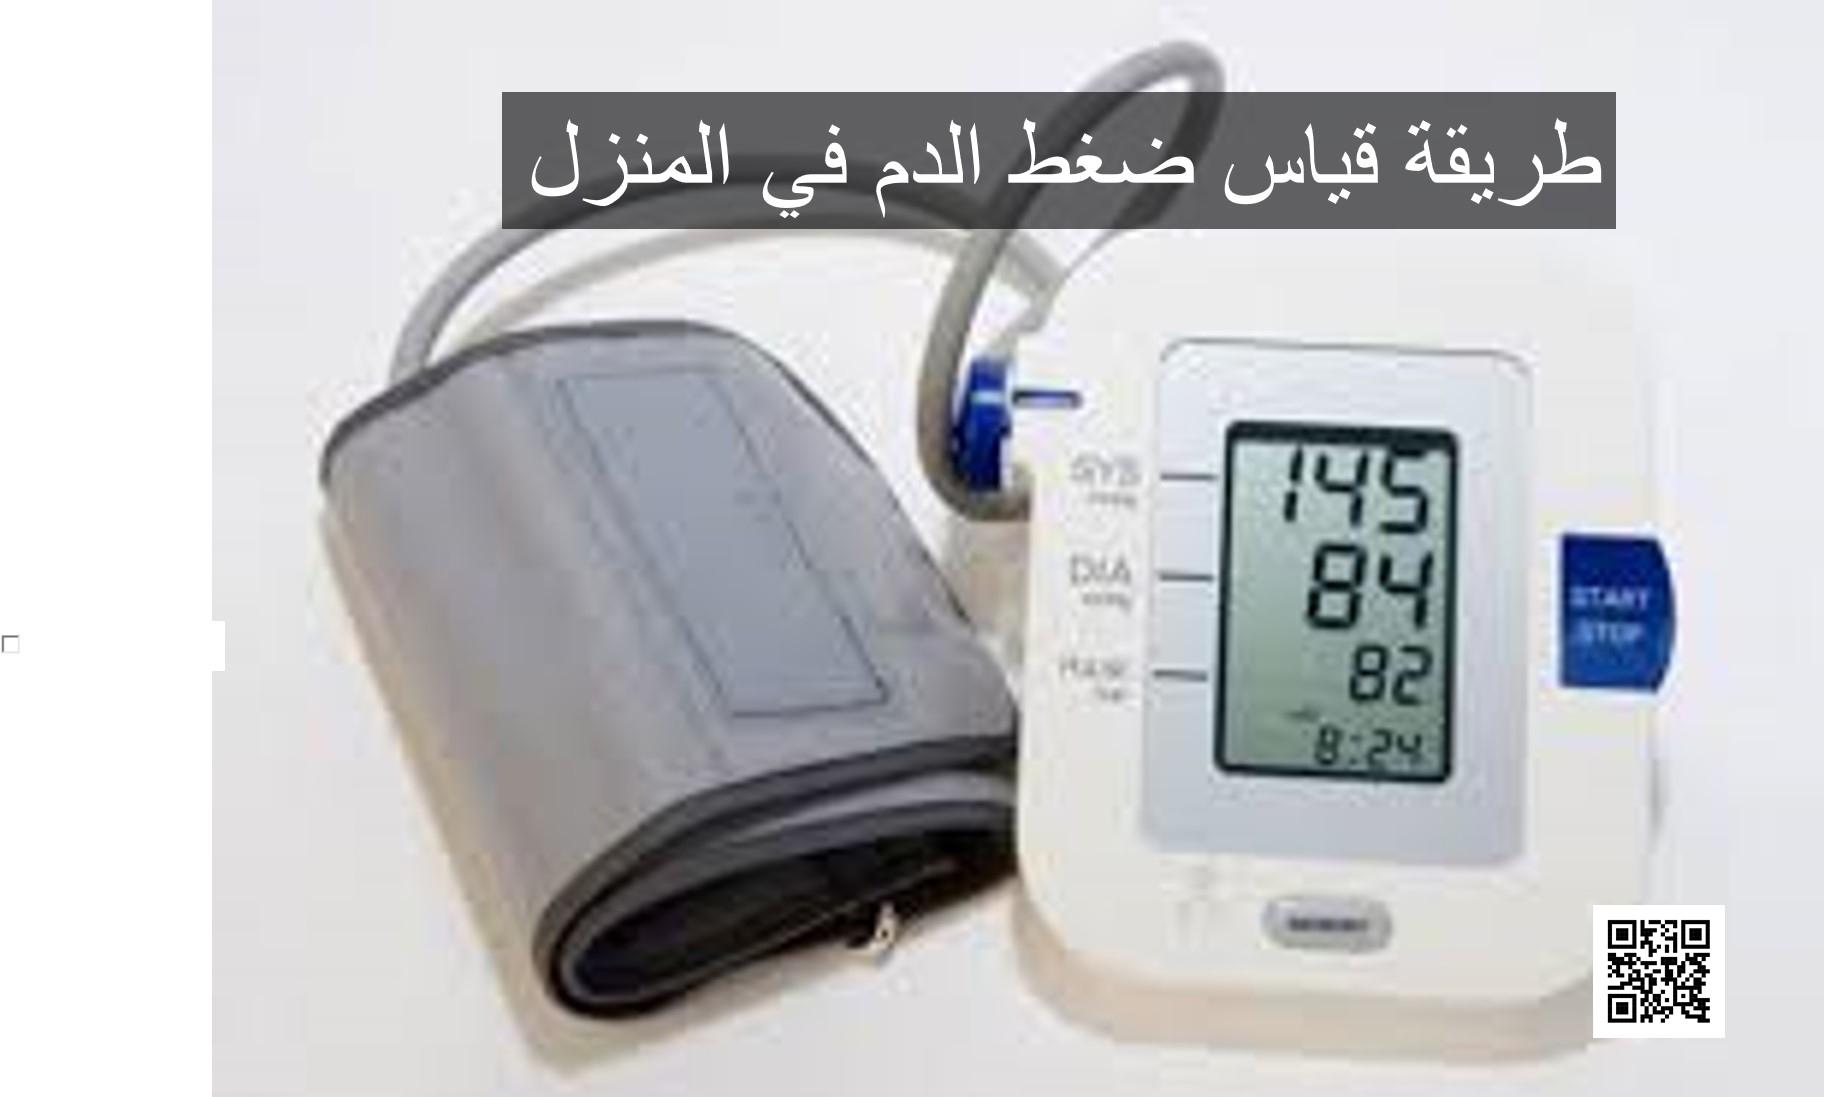 نيبو طاعون النموذج المبدئي ارقام ضغط الدم الطبيعي Dsvdedommel Com